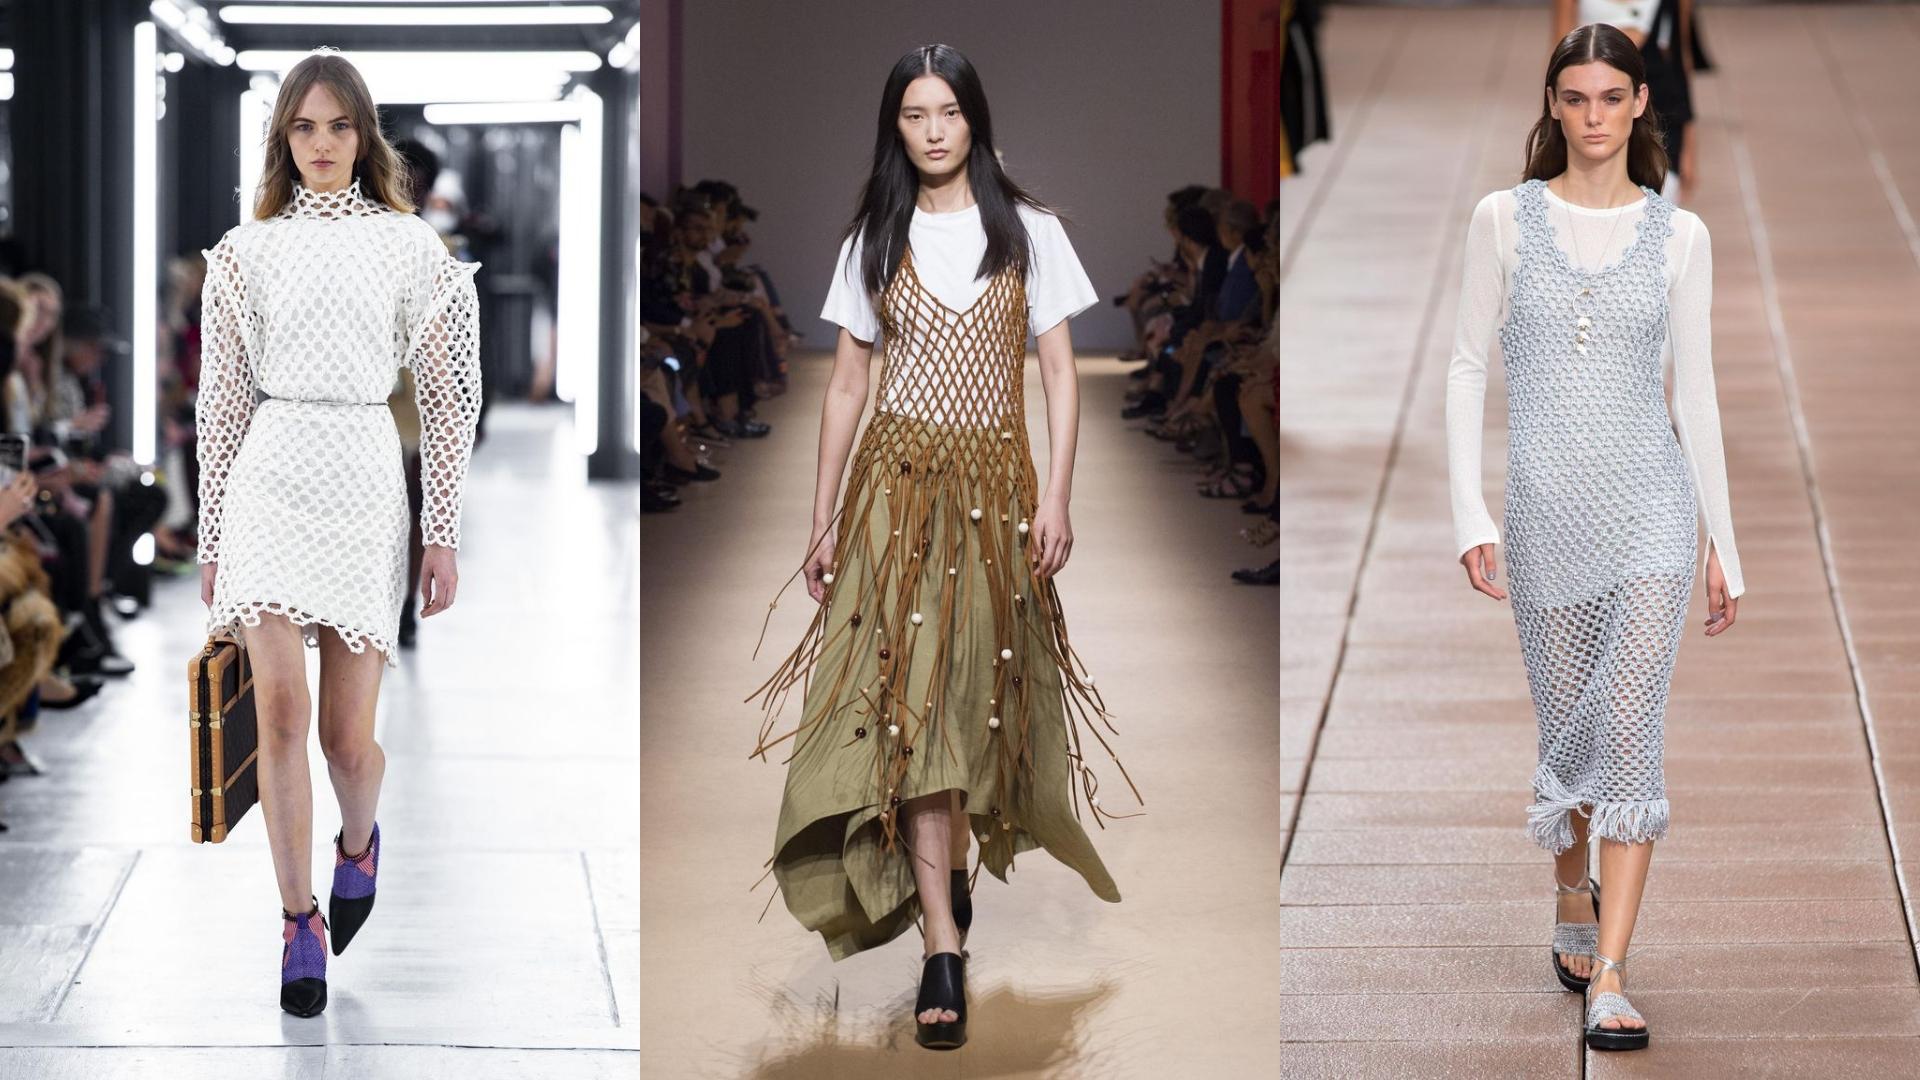 xu hướng thời trang 2019 19